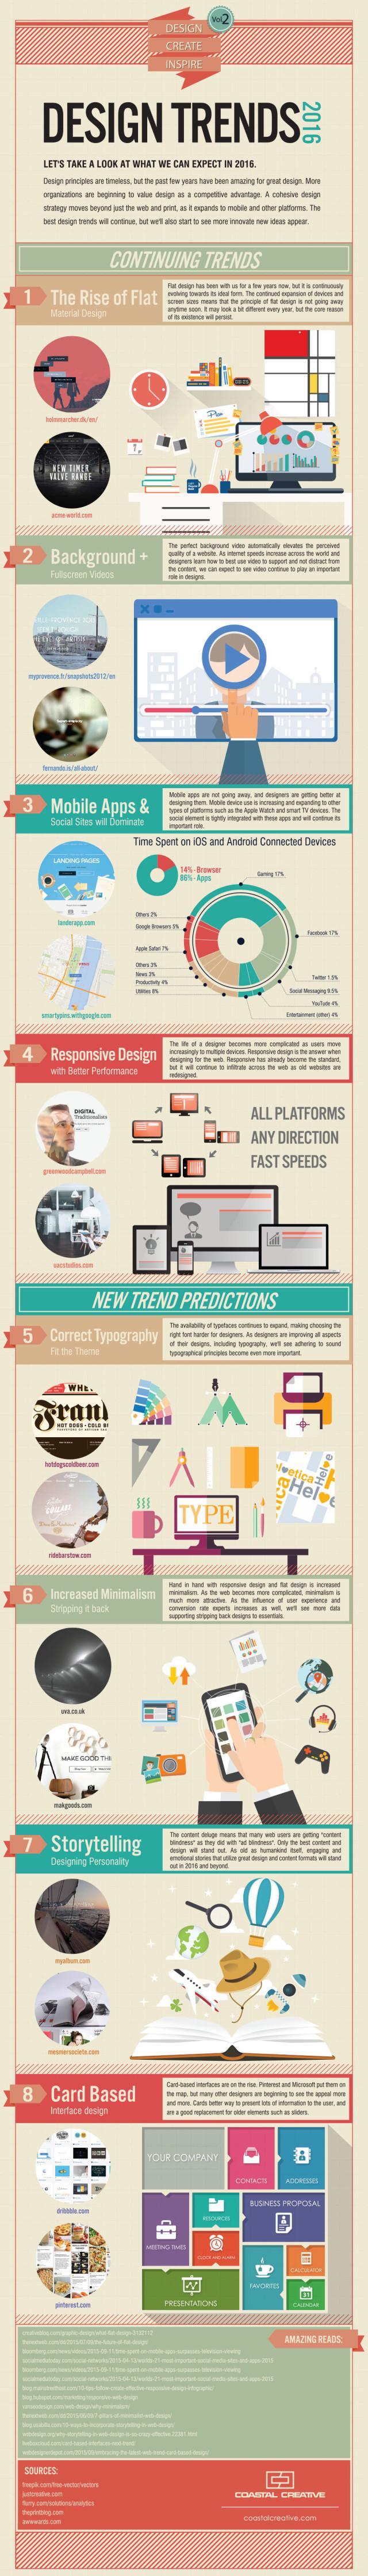 8-design-trends-of-2016-640x4481